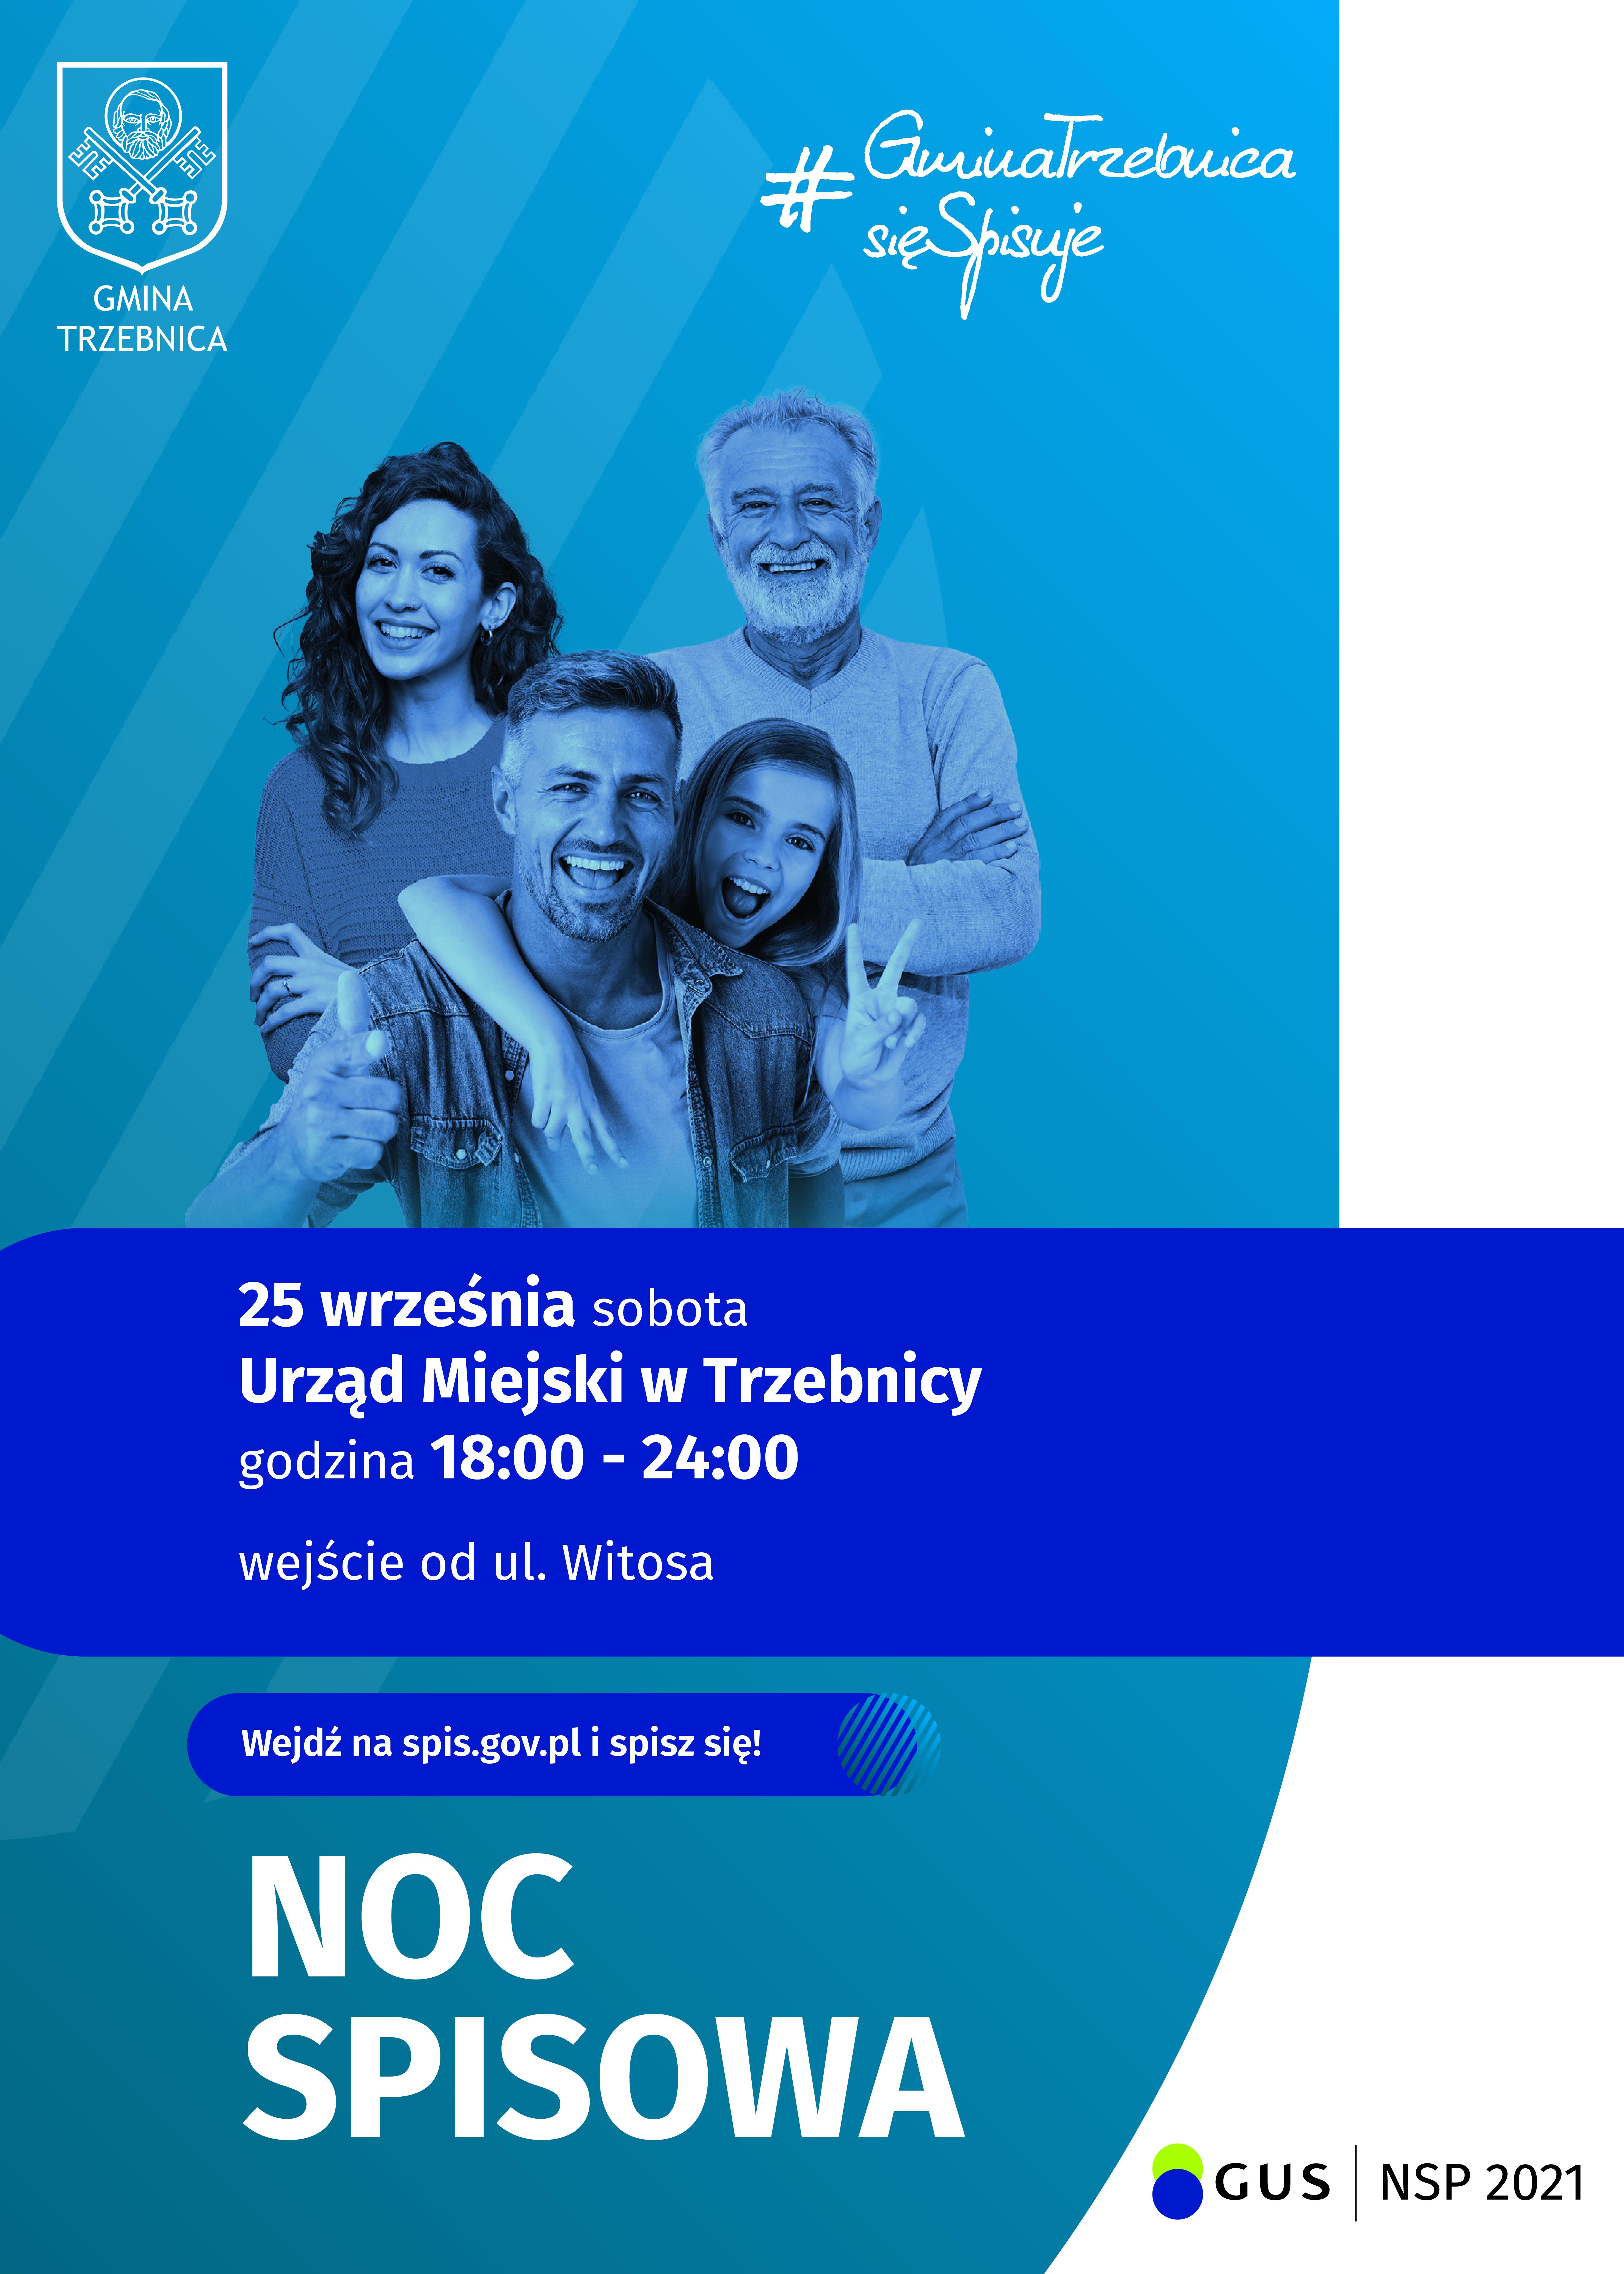 25 września sobota Urząd Miejski w Trzebnicy godzina 18:00 - 24:00 wejście od ul. Witosa Wejdź na spis.gov.pl i spisz się! NOC SPISOWA